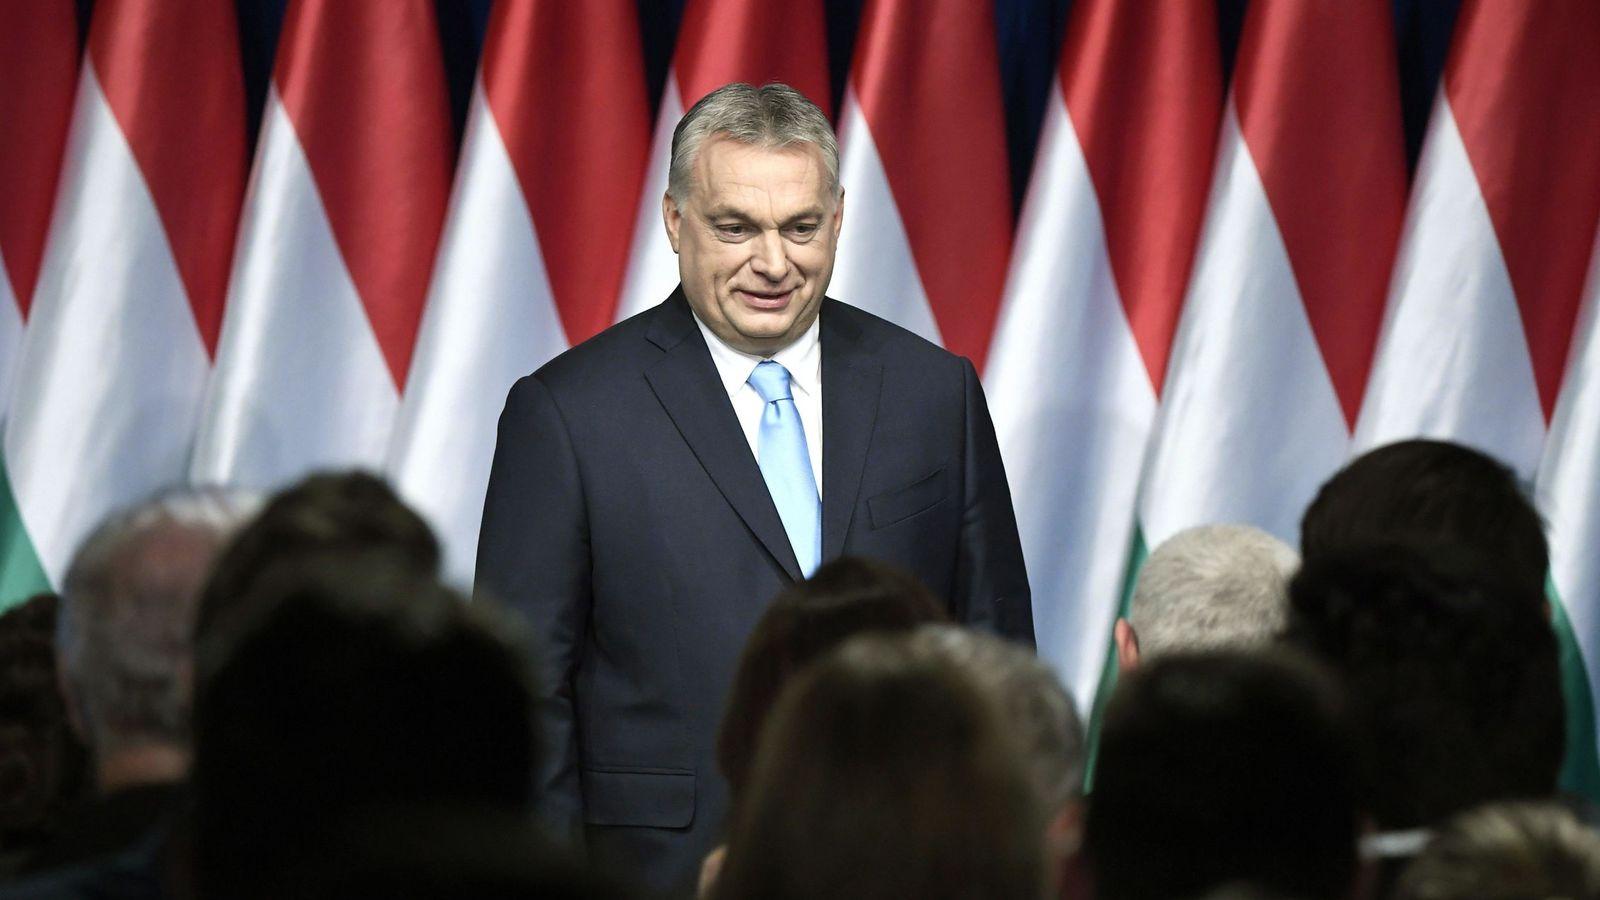 Foto: Víktor Orbán durante su discurso anual a la nación en Budapest, el 10 de febrero de 2019. (EFE)